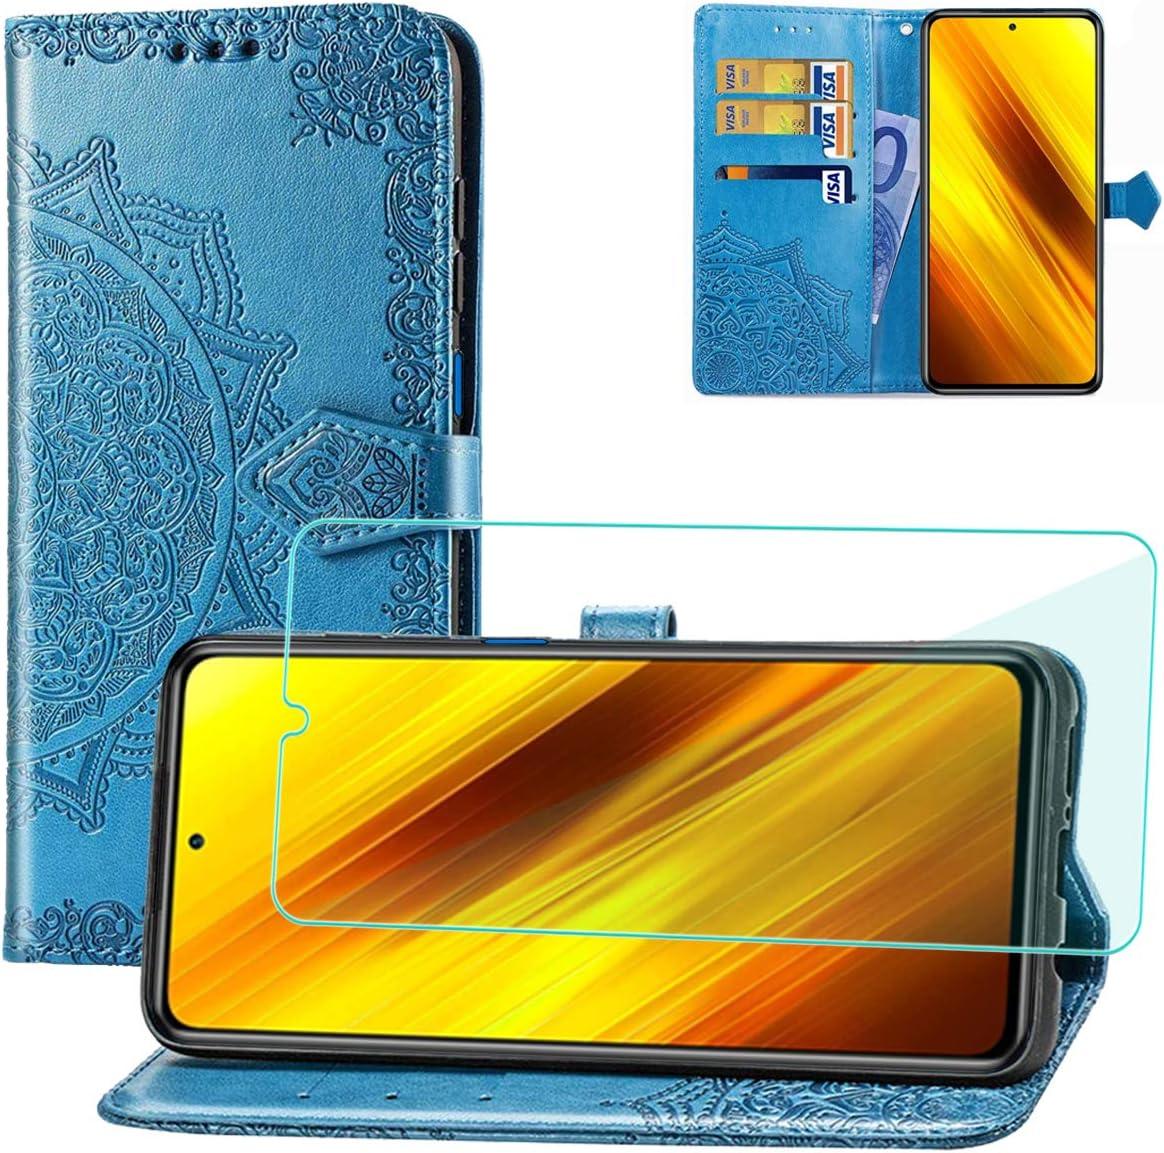 Yohii Funda Xiaomi Poco X3 NFC + Protector de Pantalla, Libro Caso Piel PU Soporte Plegable Ranuras Cartera con Tapa Tarjetas Magnético Cuero Flip Carcasas, Case para Xiaomi Poco X3 NFC - Azul